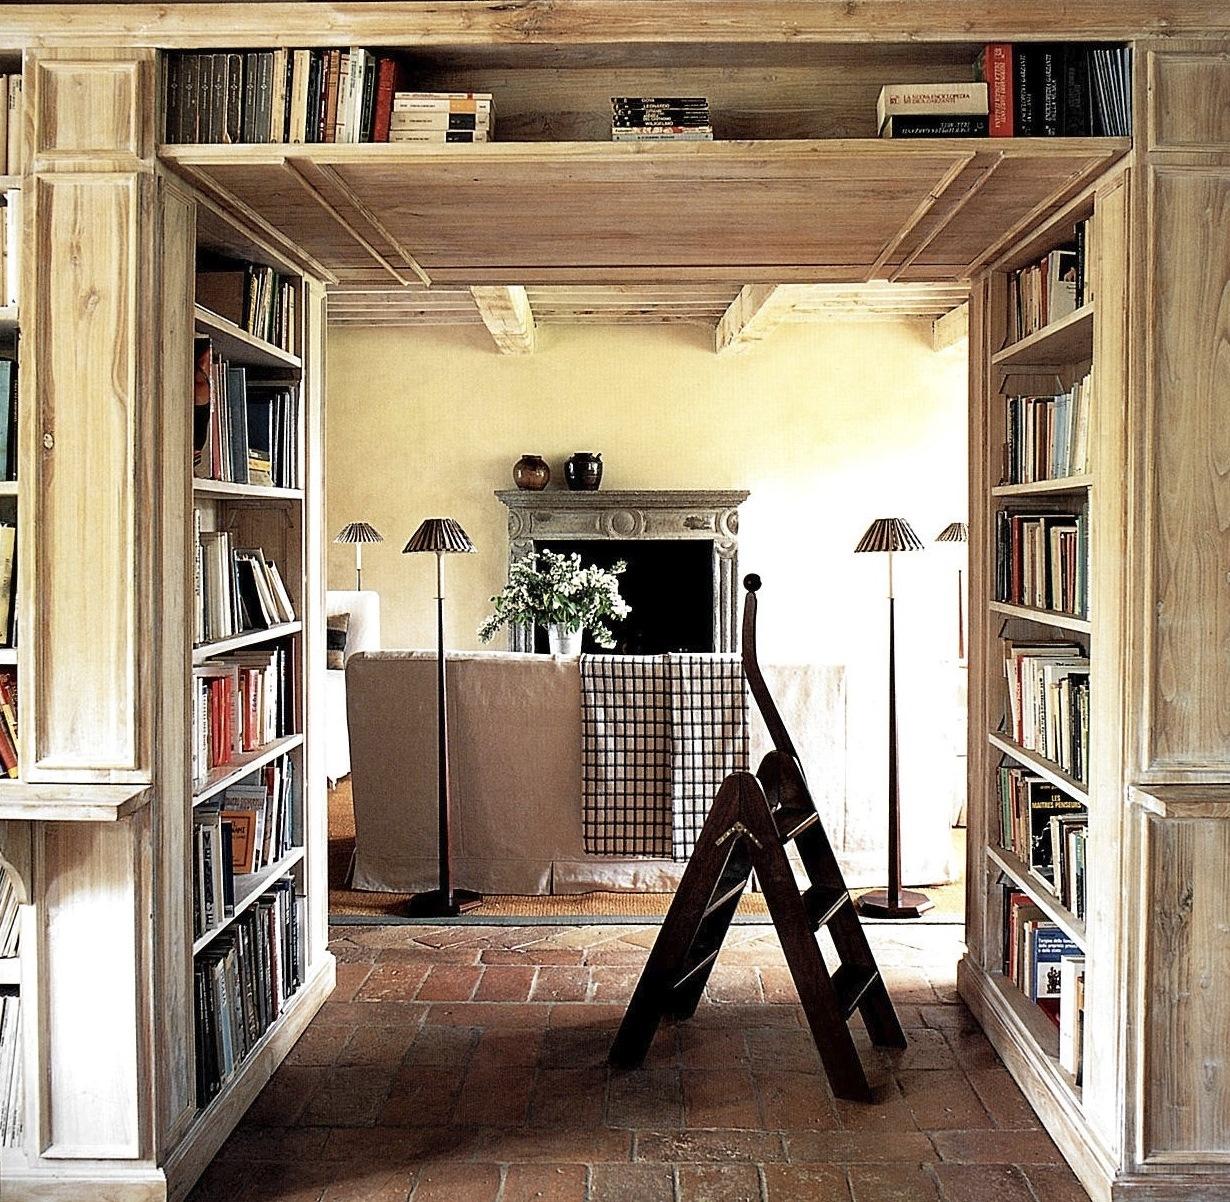 Boiserie c boiserie libreria parete divisoria - Parete attrezzata fai da te ...